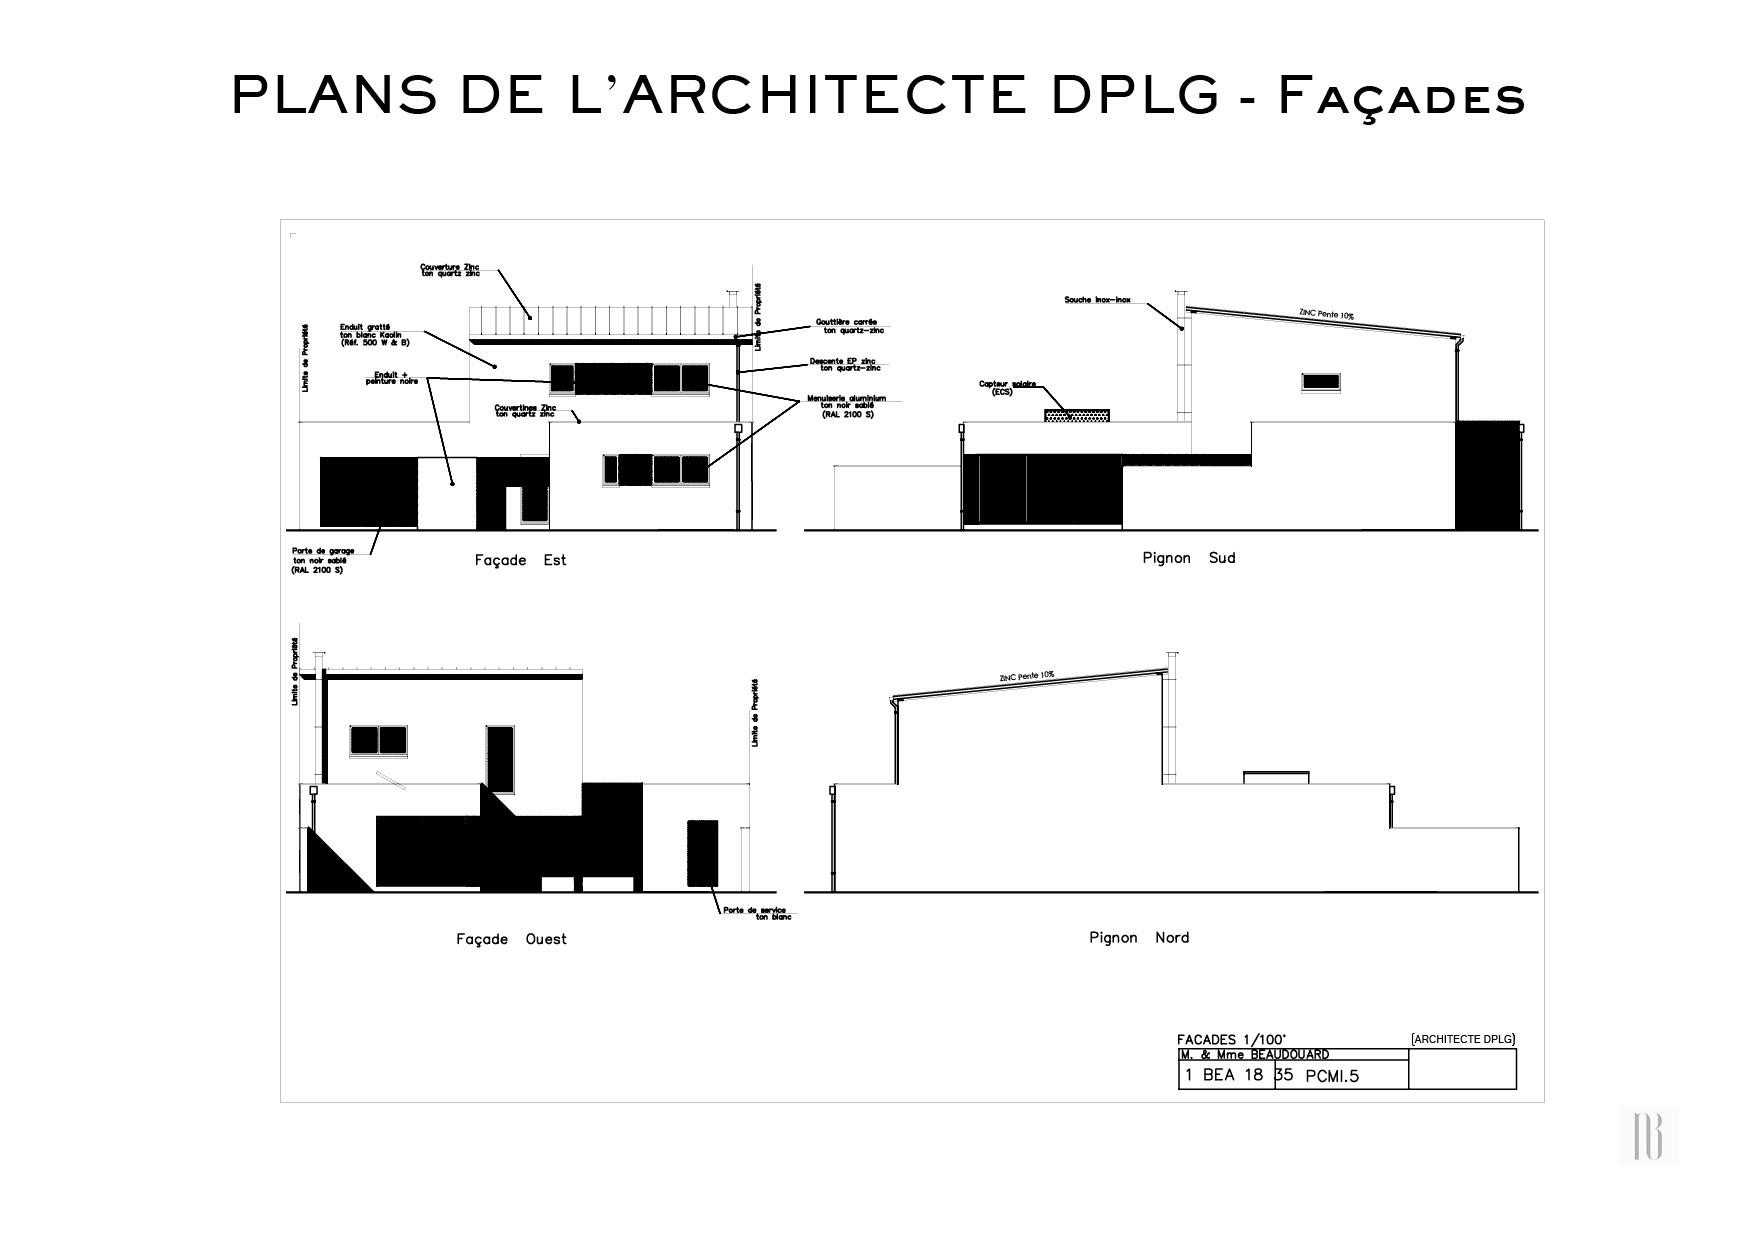 Nathalie Bossard décoration architecture intérieur Rennes 35 UFDI-390 Book déco maison en construction Bédée Ille et vilaine plans DPLG